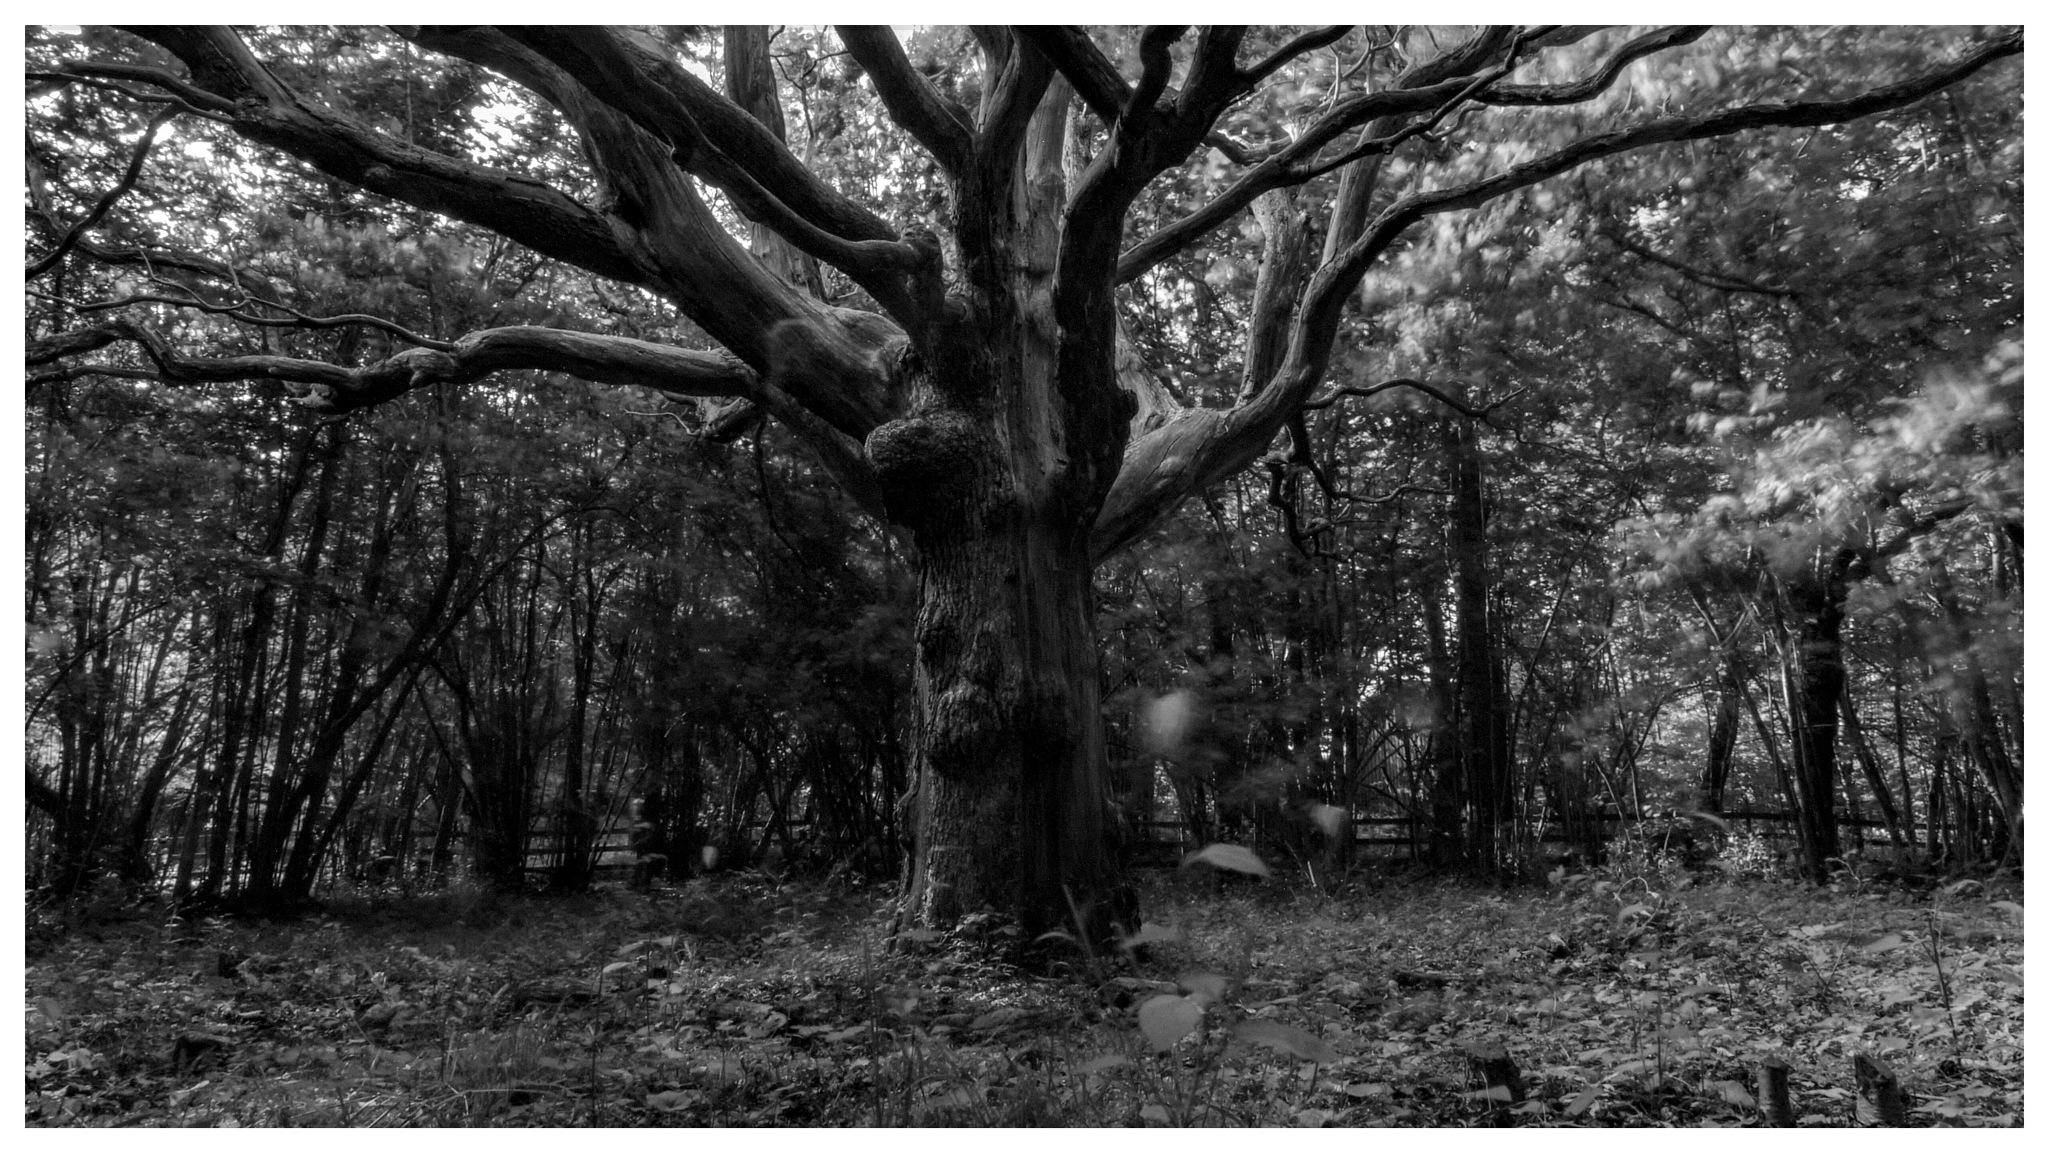 Oak forest by Bengt Lofgren